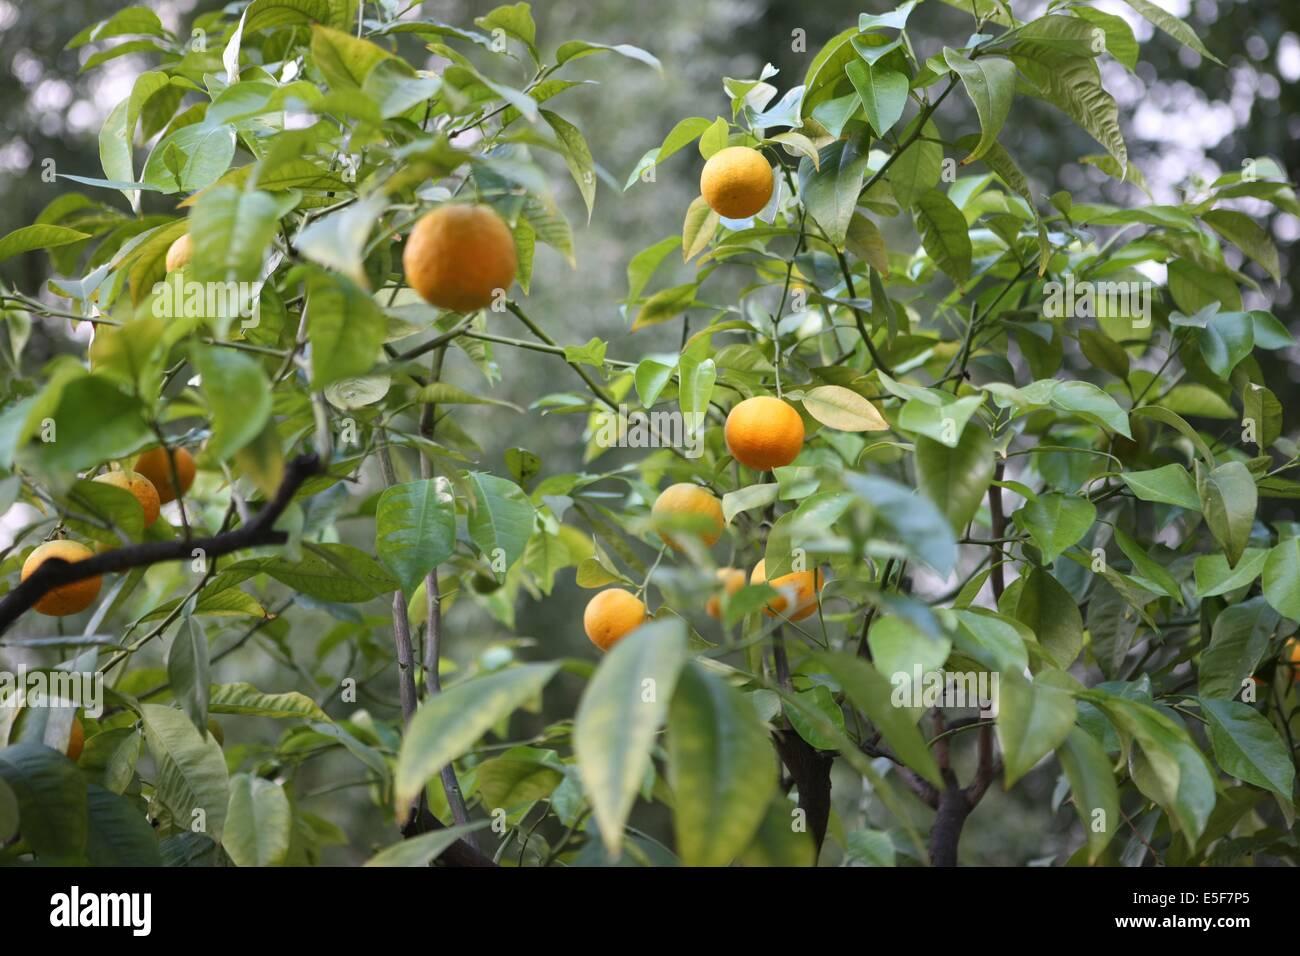 France, ile de france, paris, 12e arrondissement, bercy, parc de bercy, jardin yitzhak rabin, espace vert, orangers - Stock Image